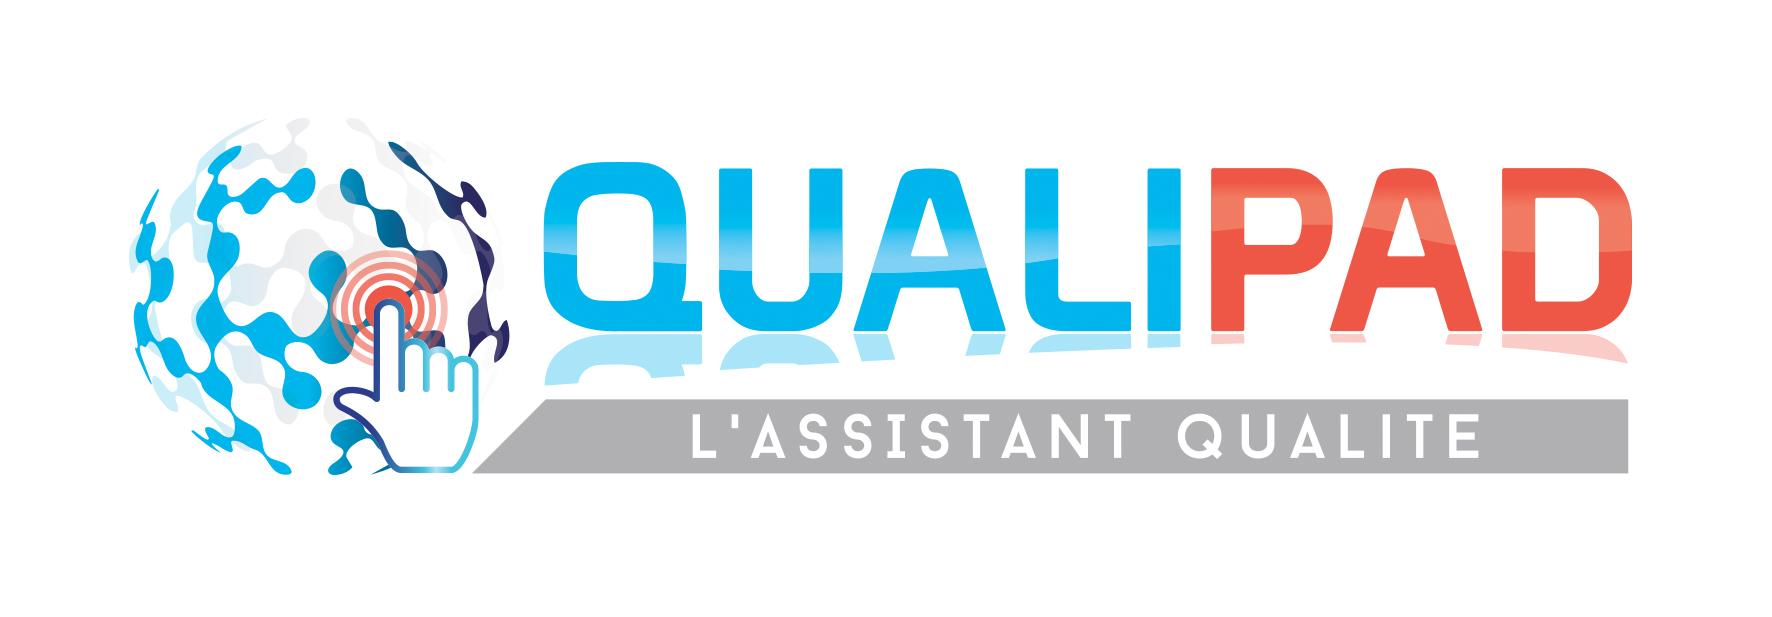 QUALIPAD -  La seule solution numérique pour la gestion des vos autocontrôles et de votre Plan de Maitrise Sanitaire avec une assistance technique et réglementaire dédiée